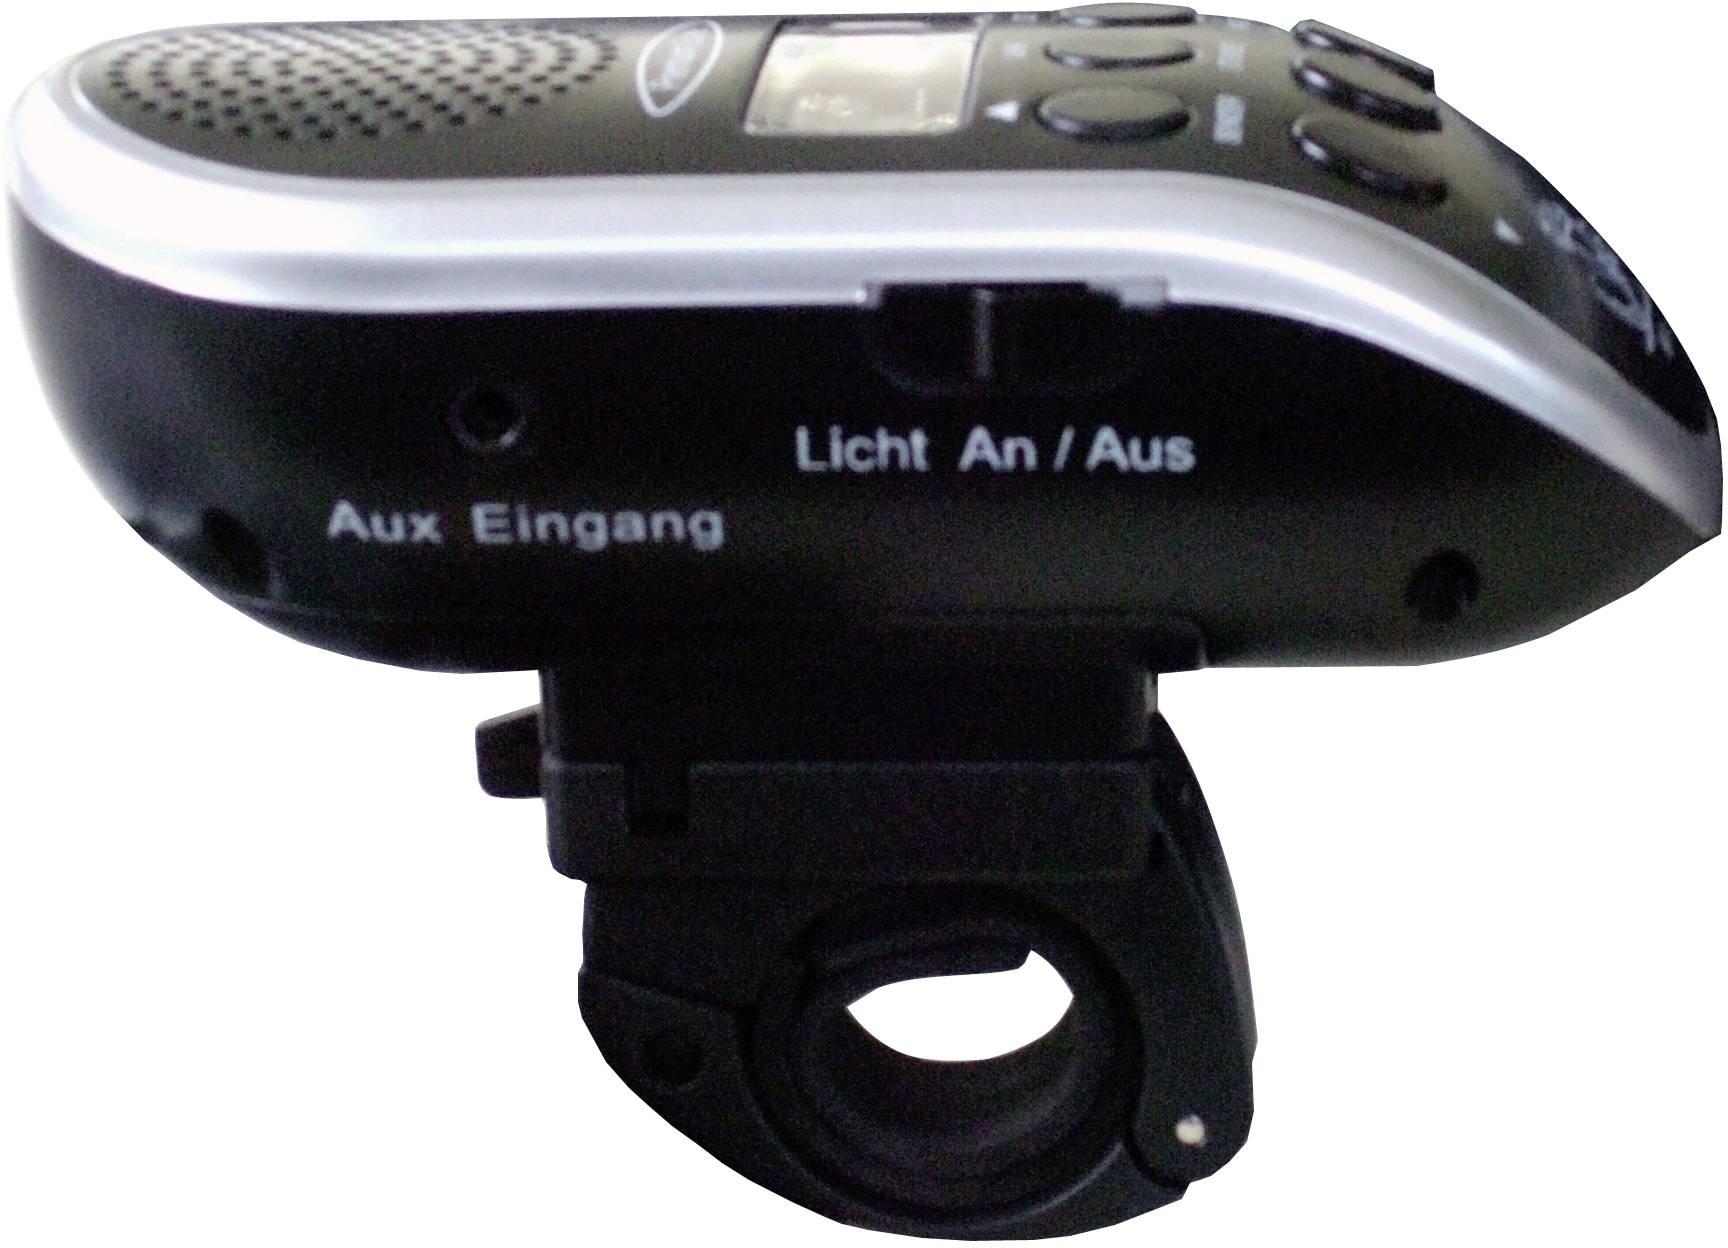 Rádio na řídítka kola s LED svítilnou, Security Plus BR 24, černá, stříbrná